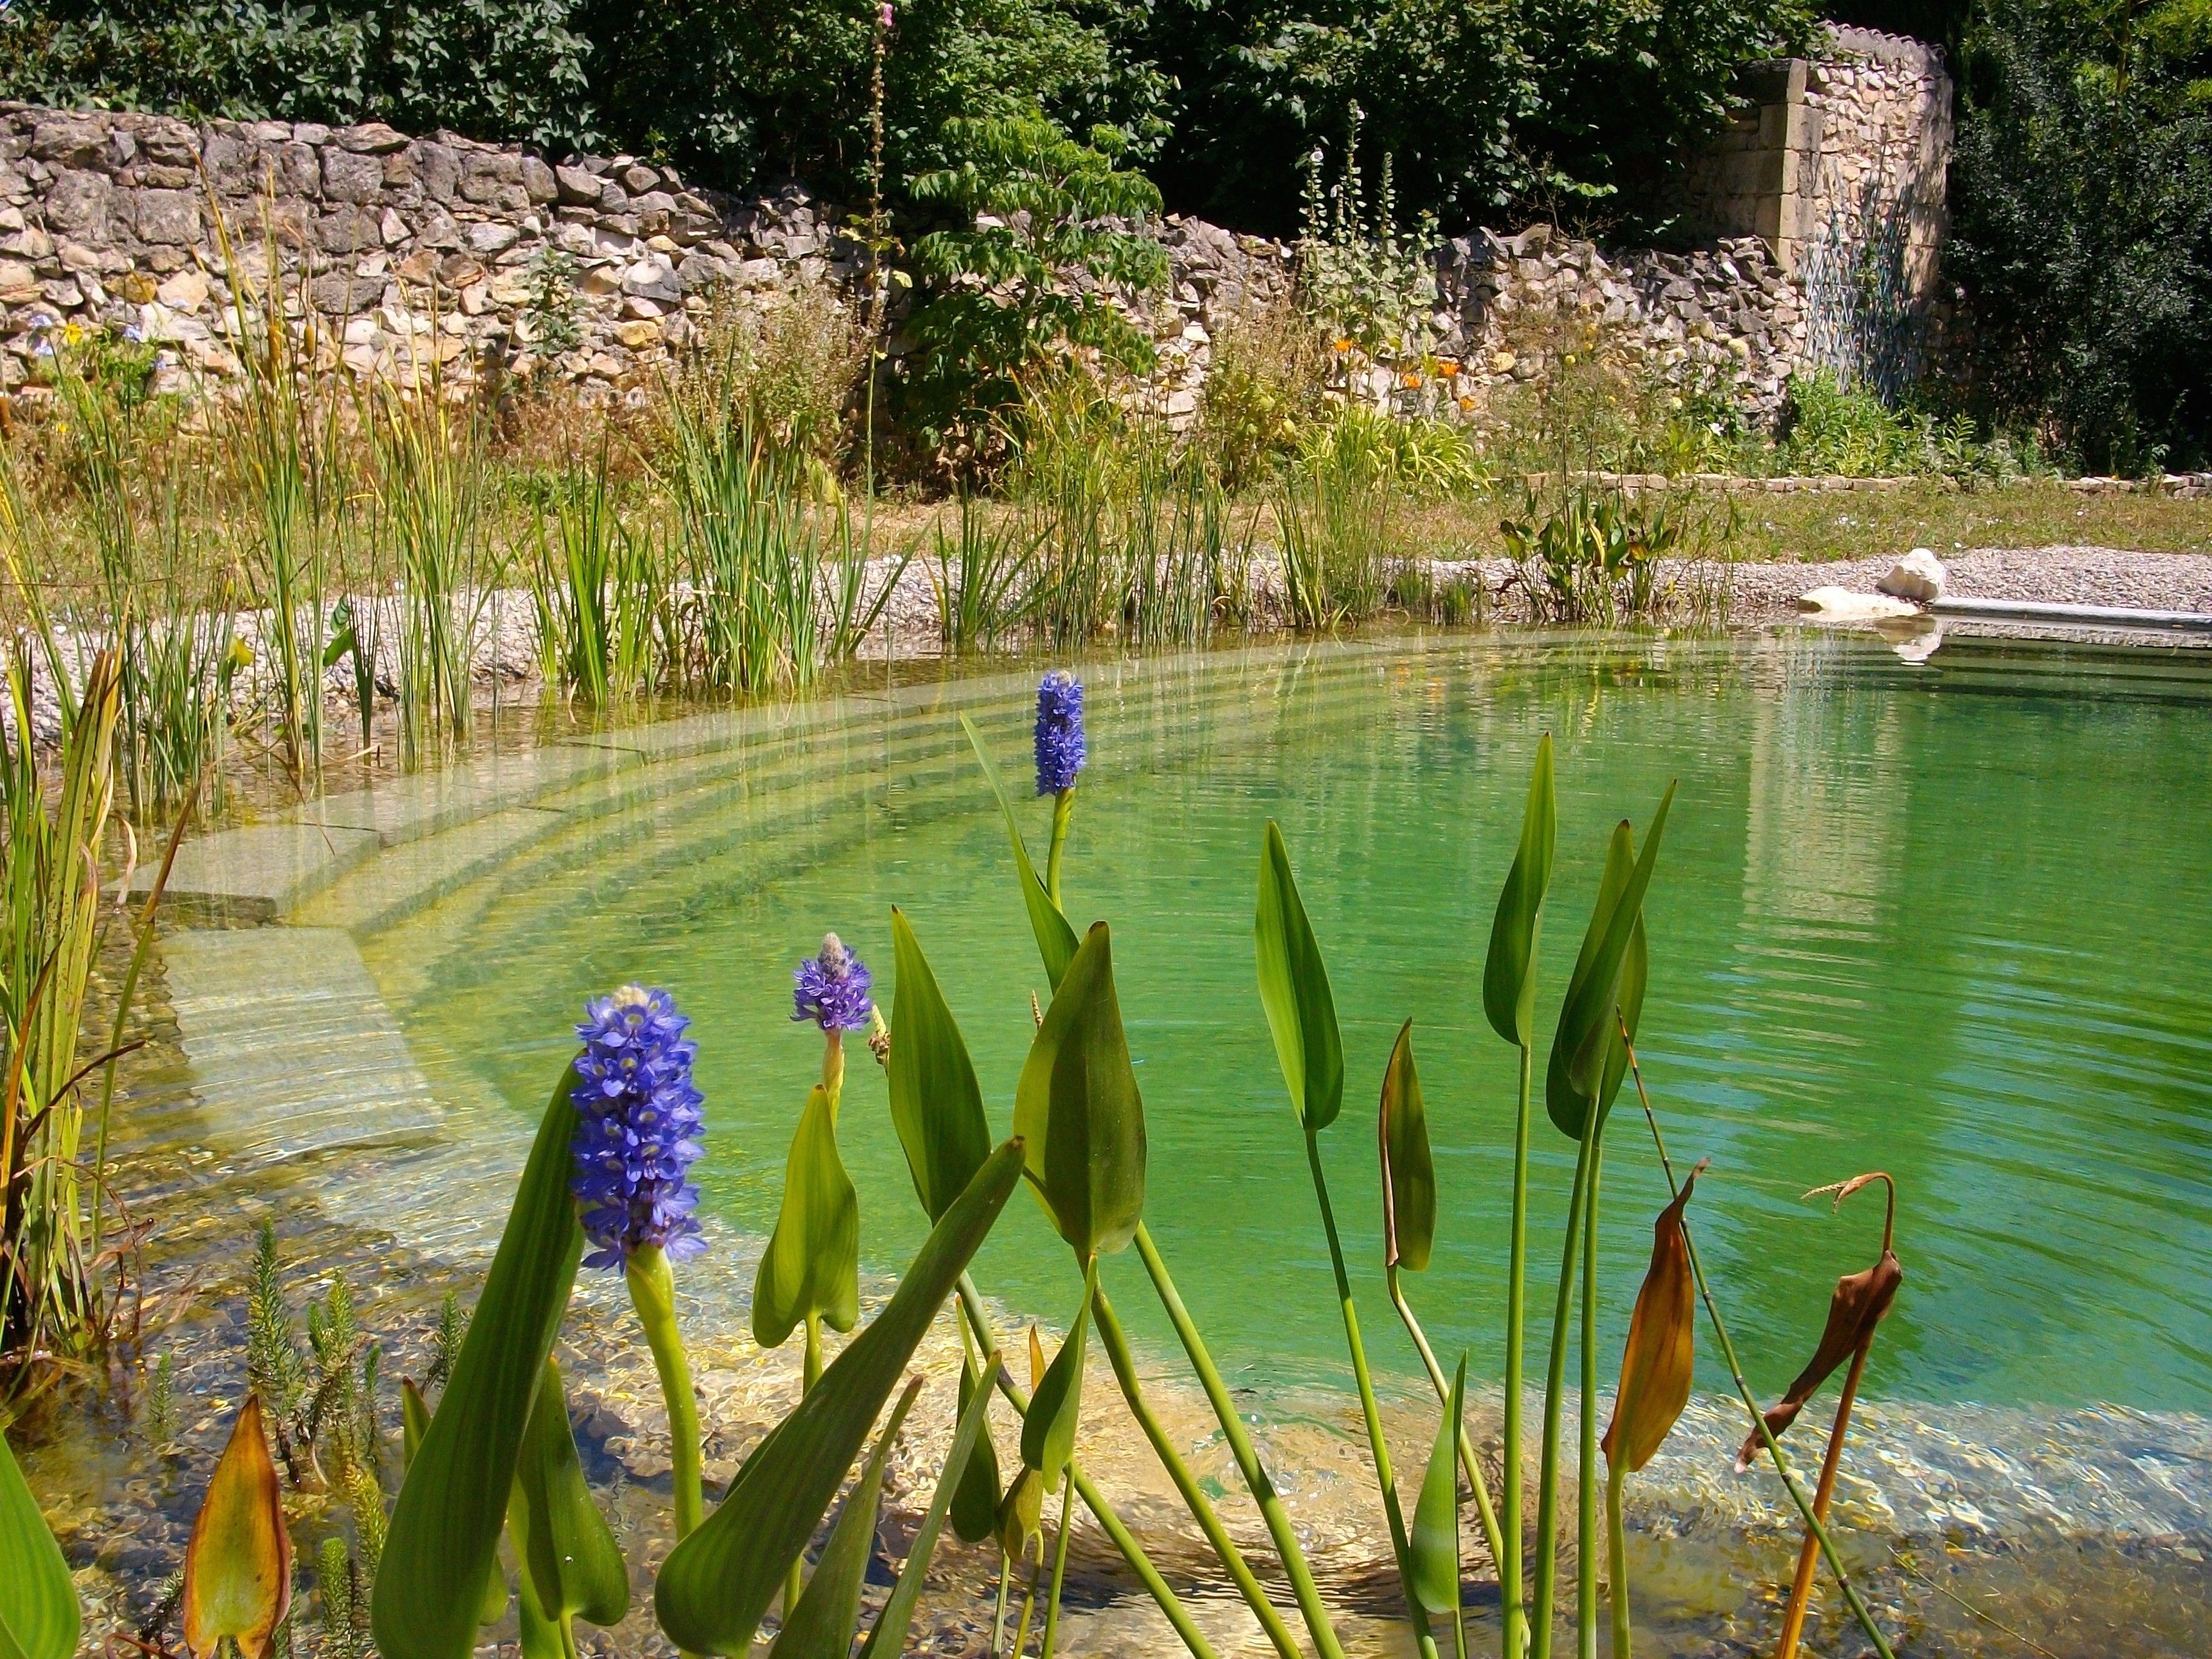 Une piscine naturelle un jardin aquatique dans lequel il fait